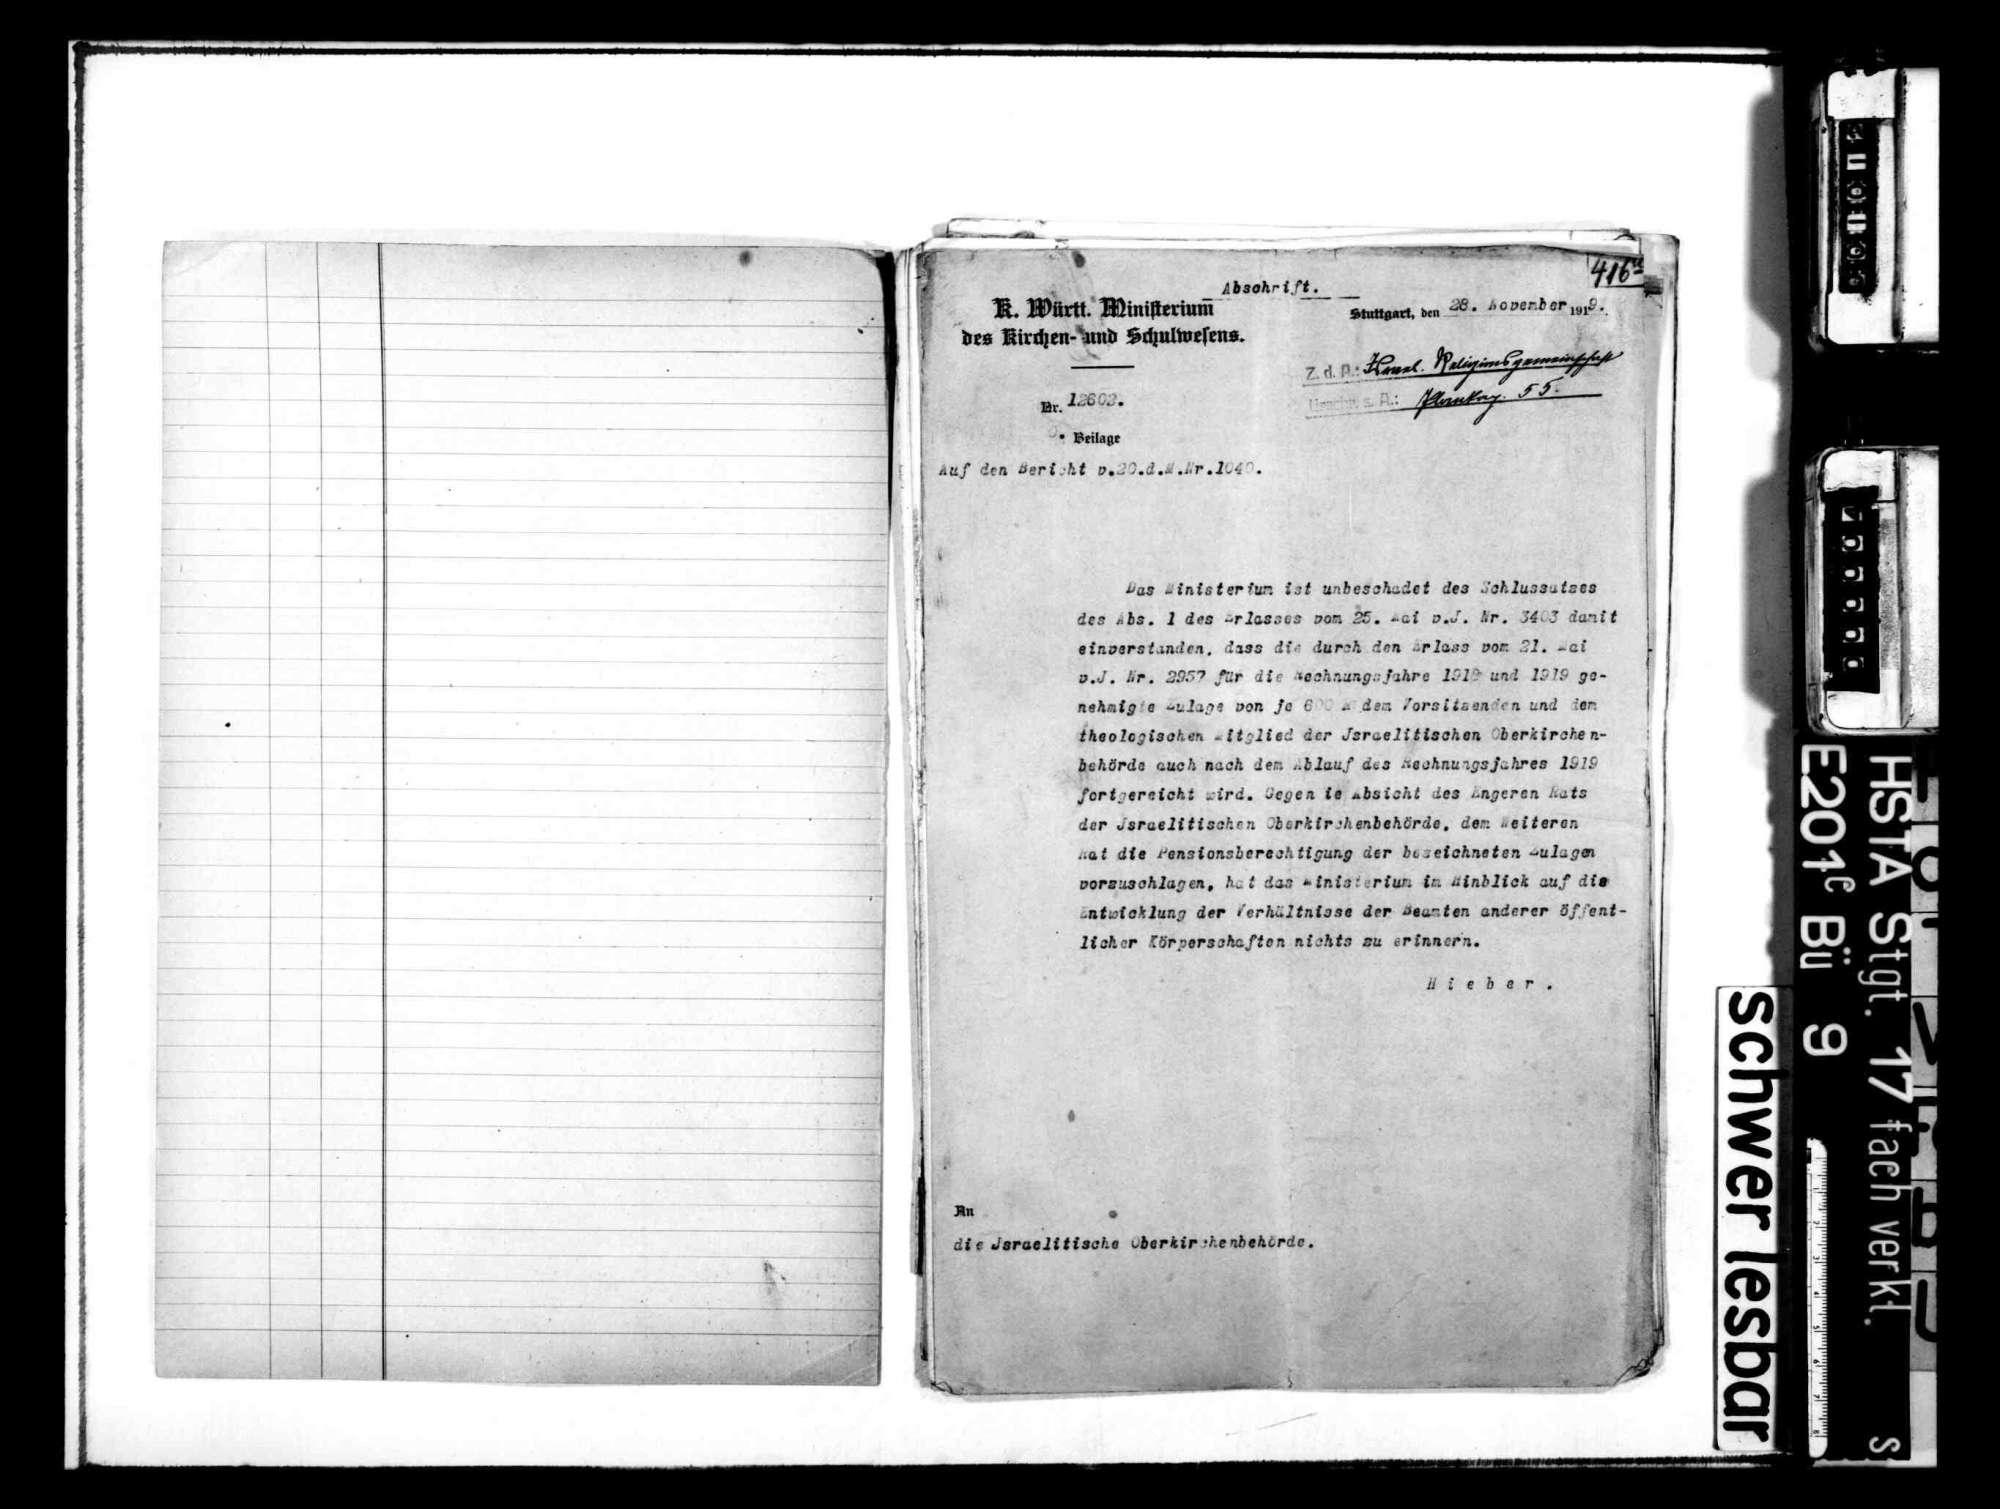 Entwurf und parlamentarische Verabschiedung des neuen Israelitengesetzes vom 8. Juli 1912 und Neuorganisation der israelitischen Kirchenverfassung, Bild 2